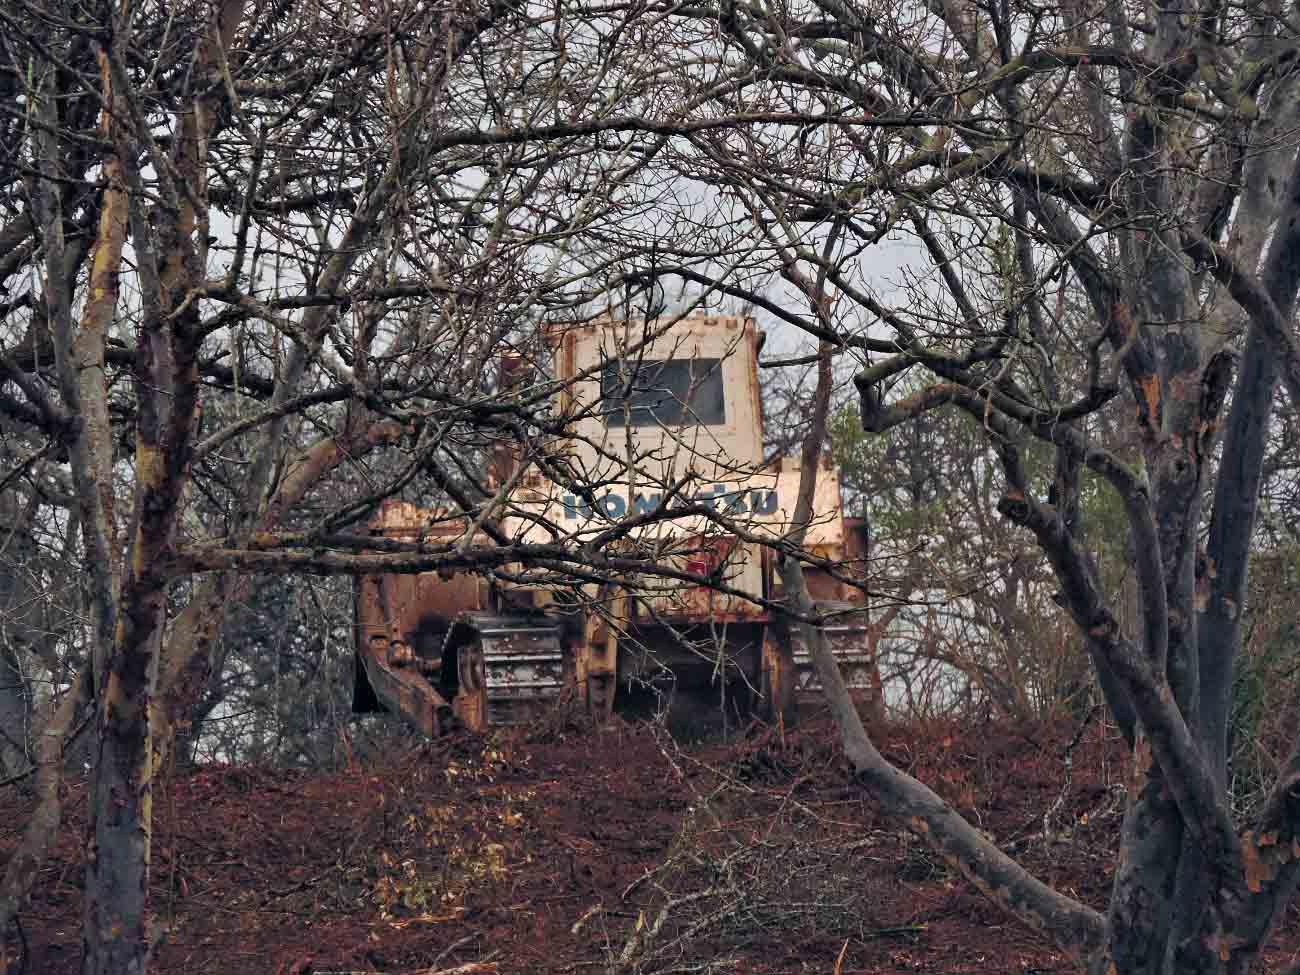 処理現場に向かう地雷処理機今日も快調に稼働